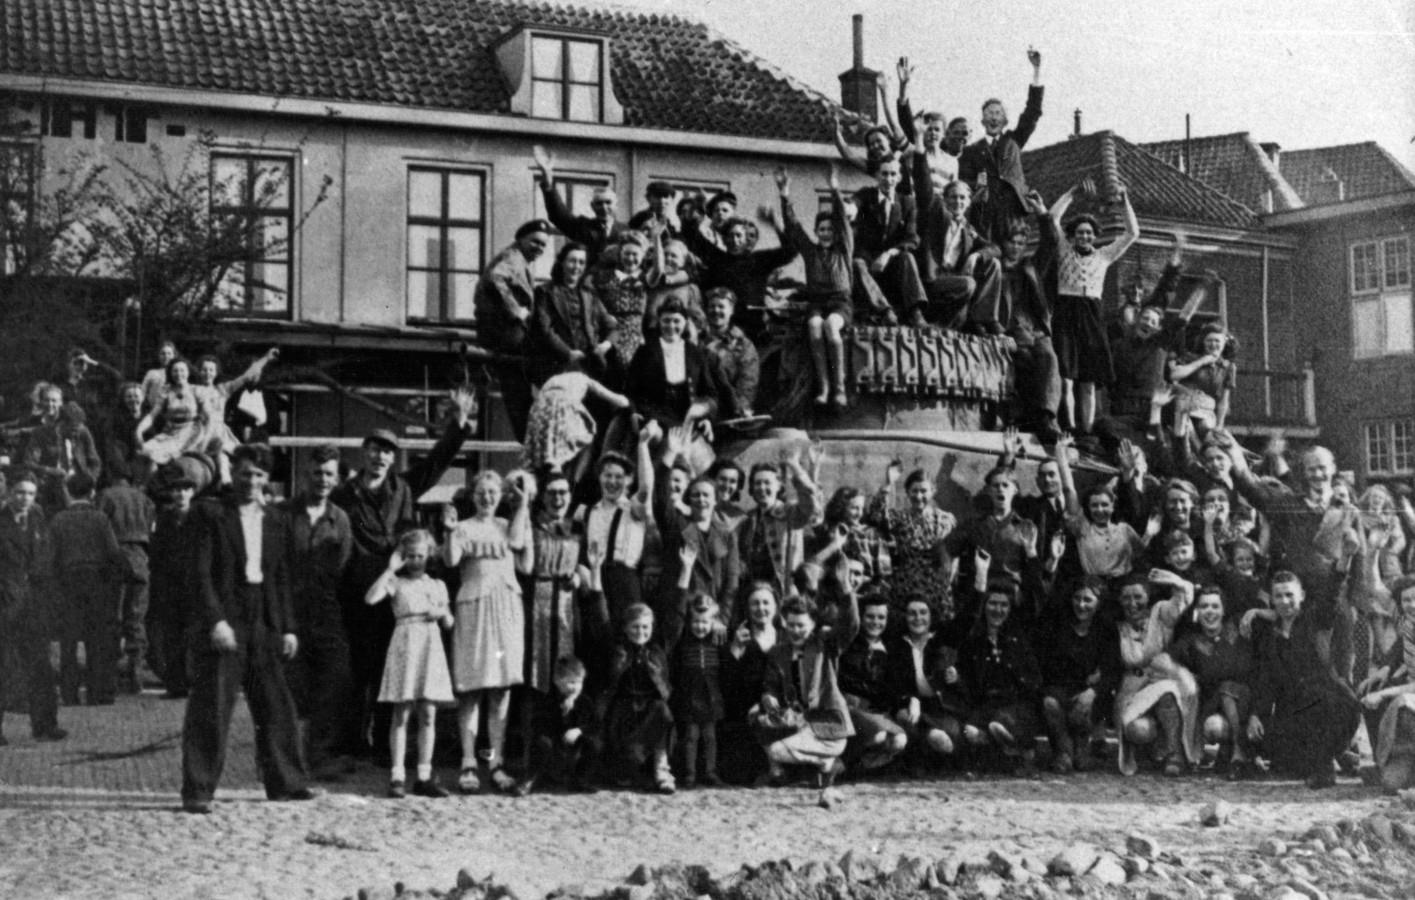 Uitzinnige vreugde na de bevrijding in Harderwijk.